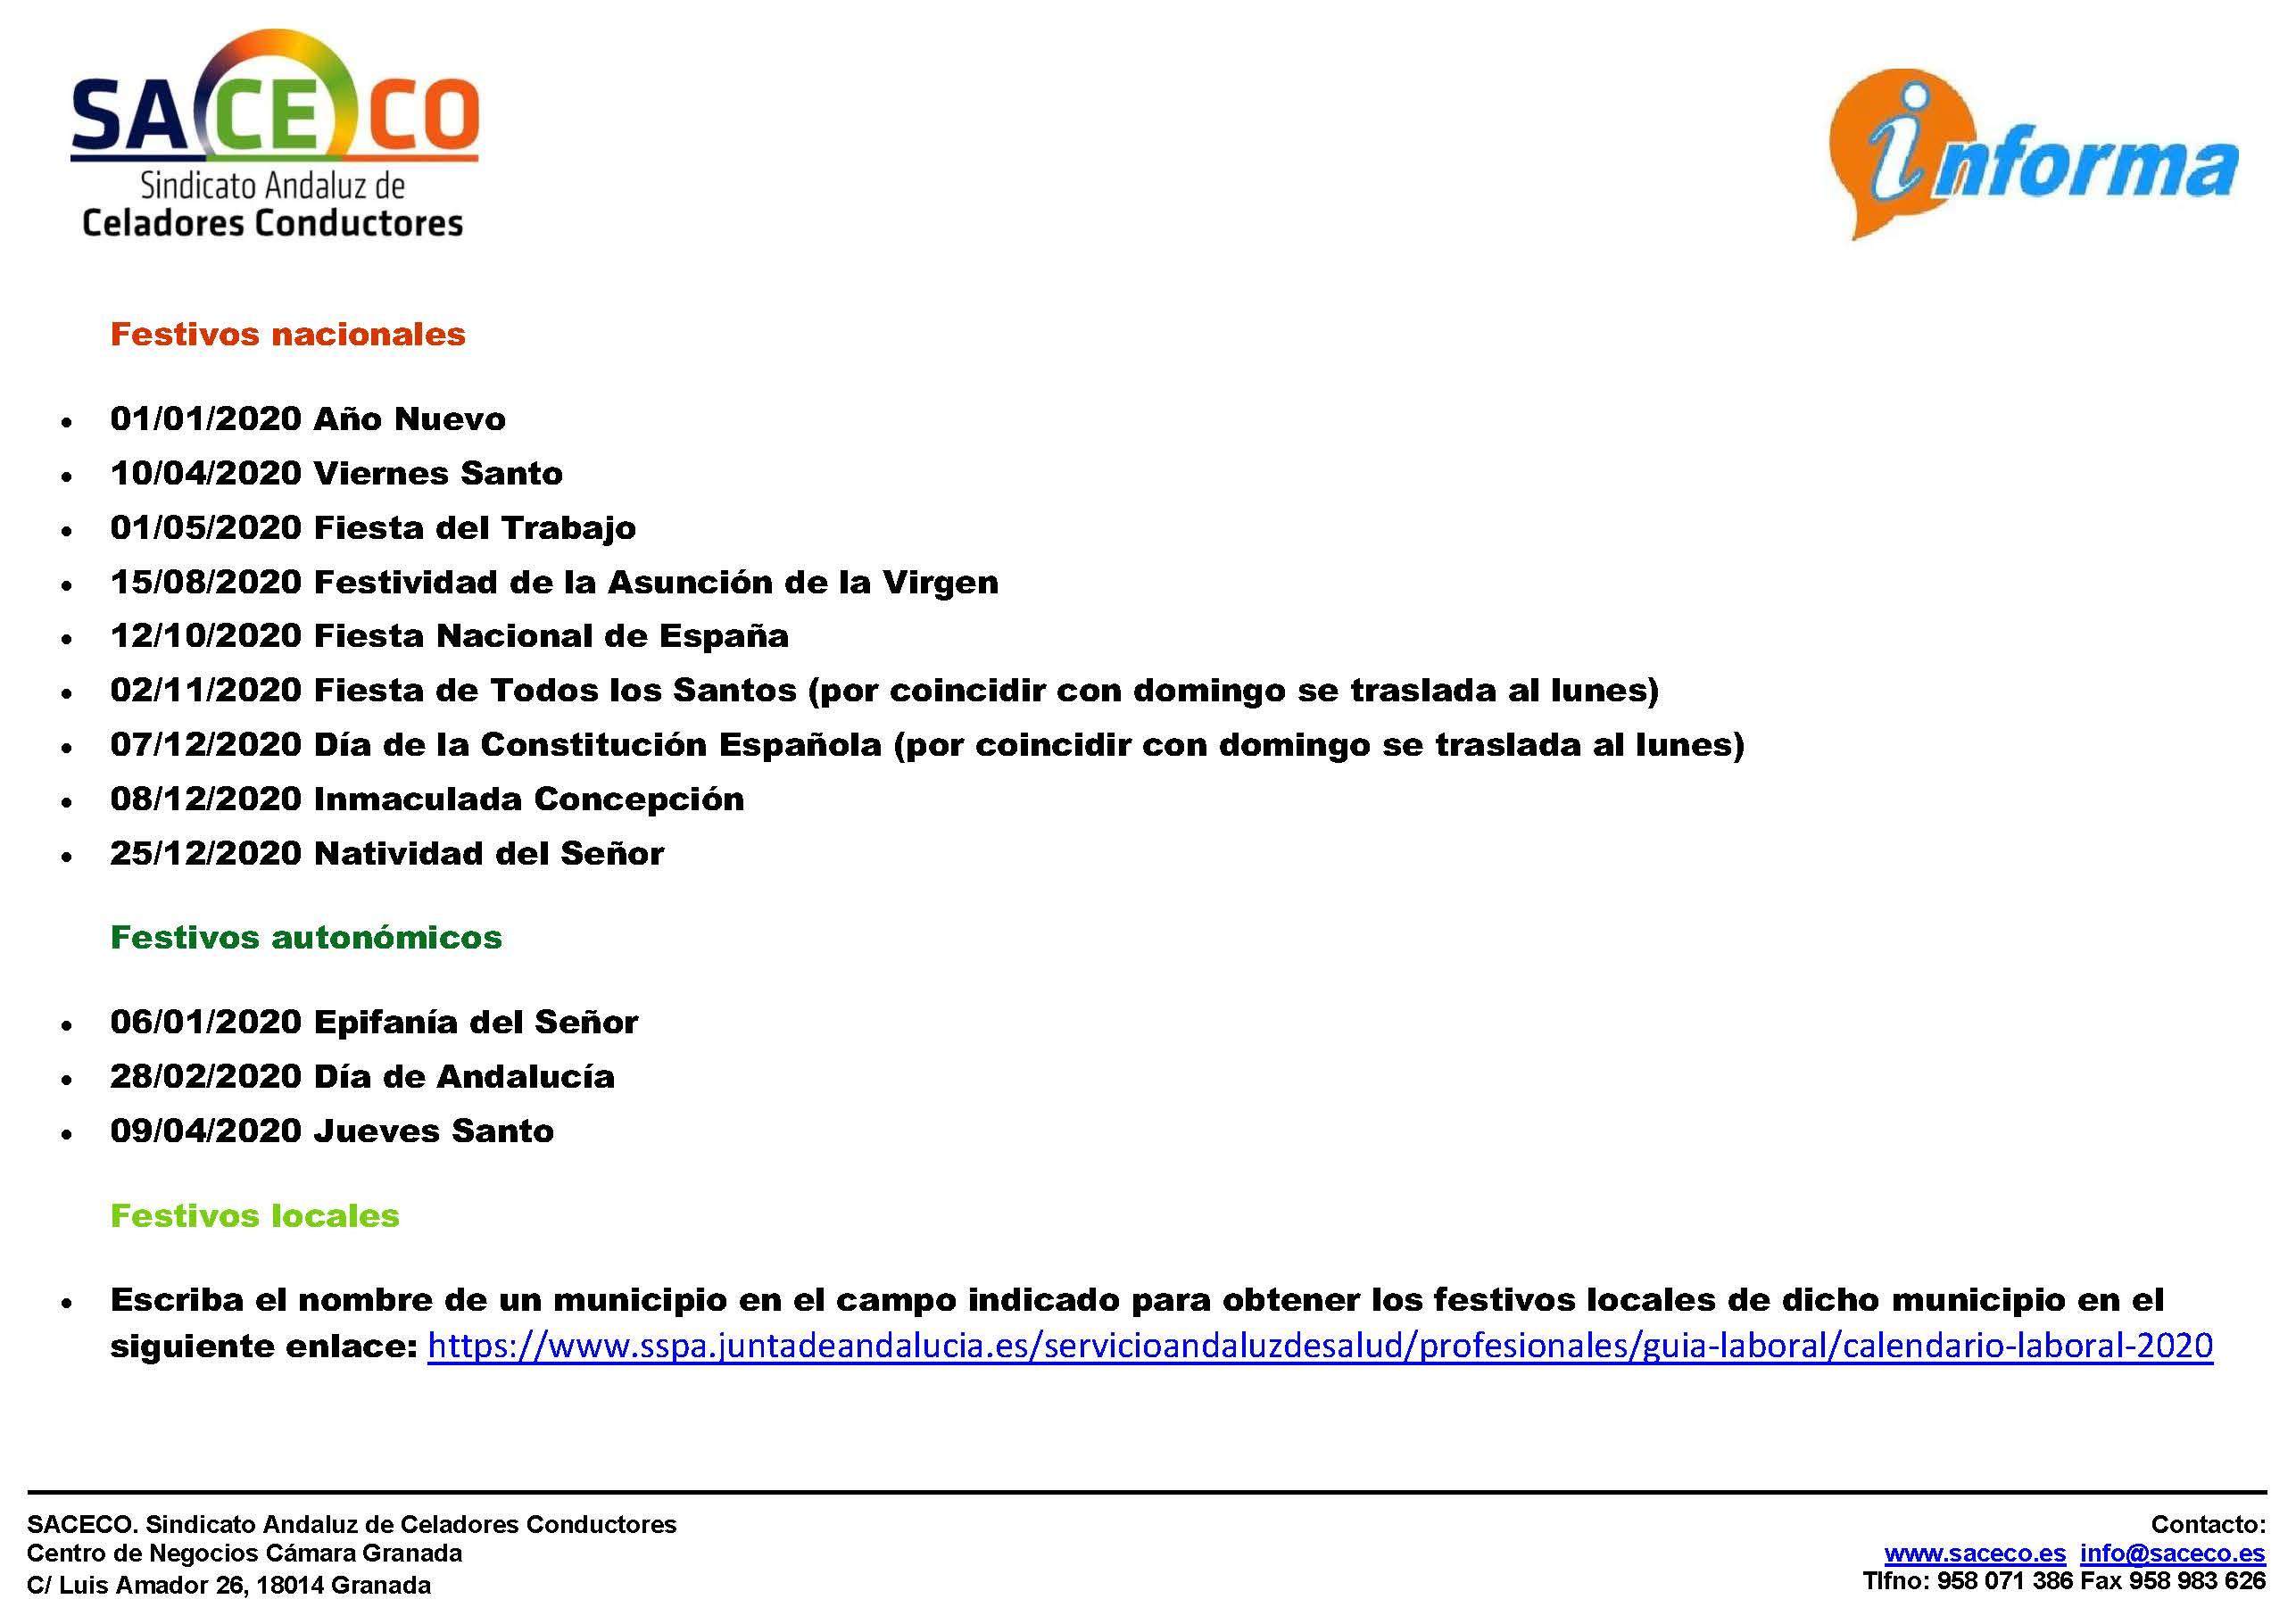 CALENDARIO LABORAL 2020_Página_2